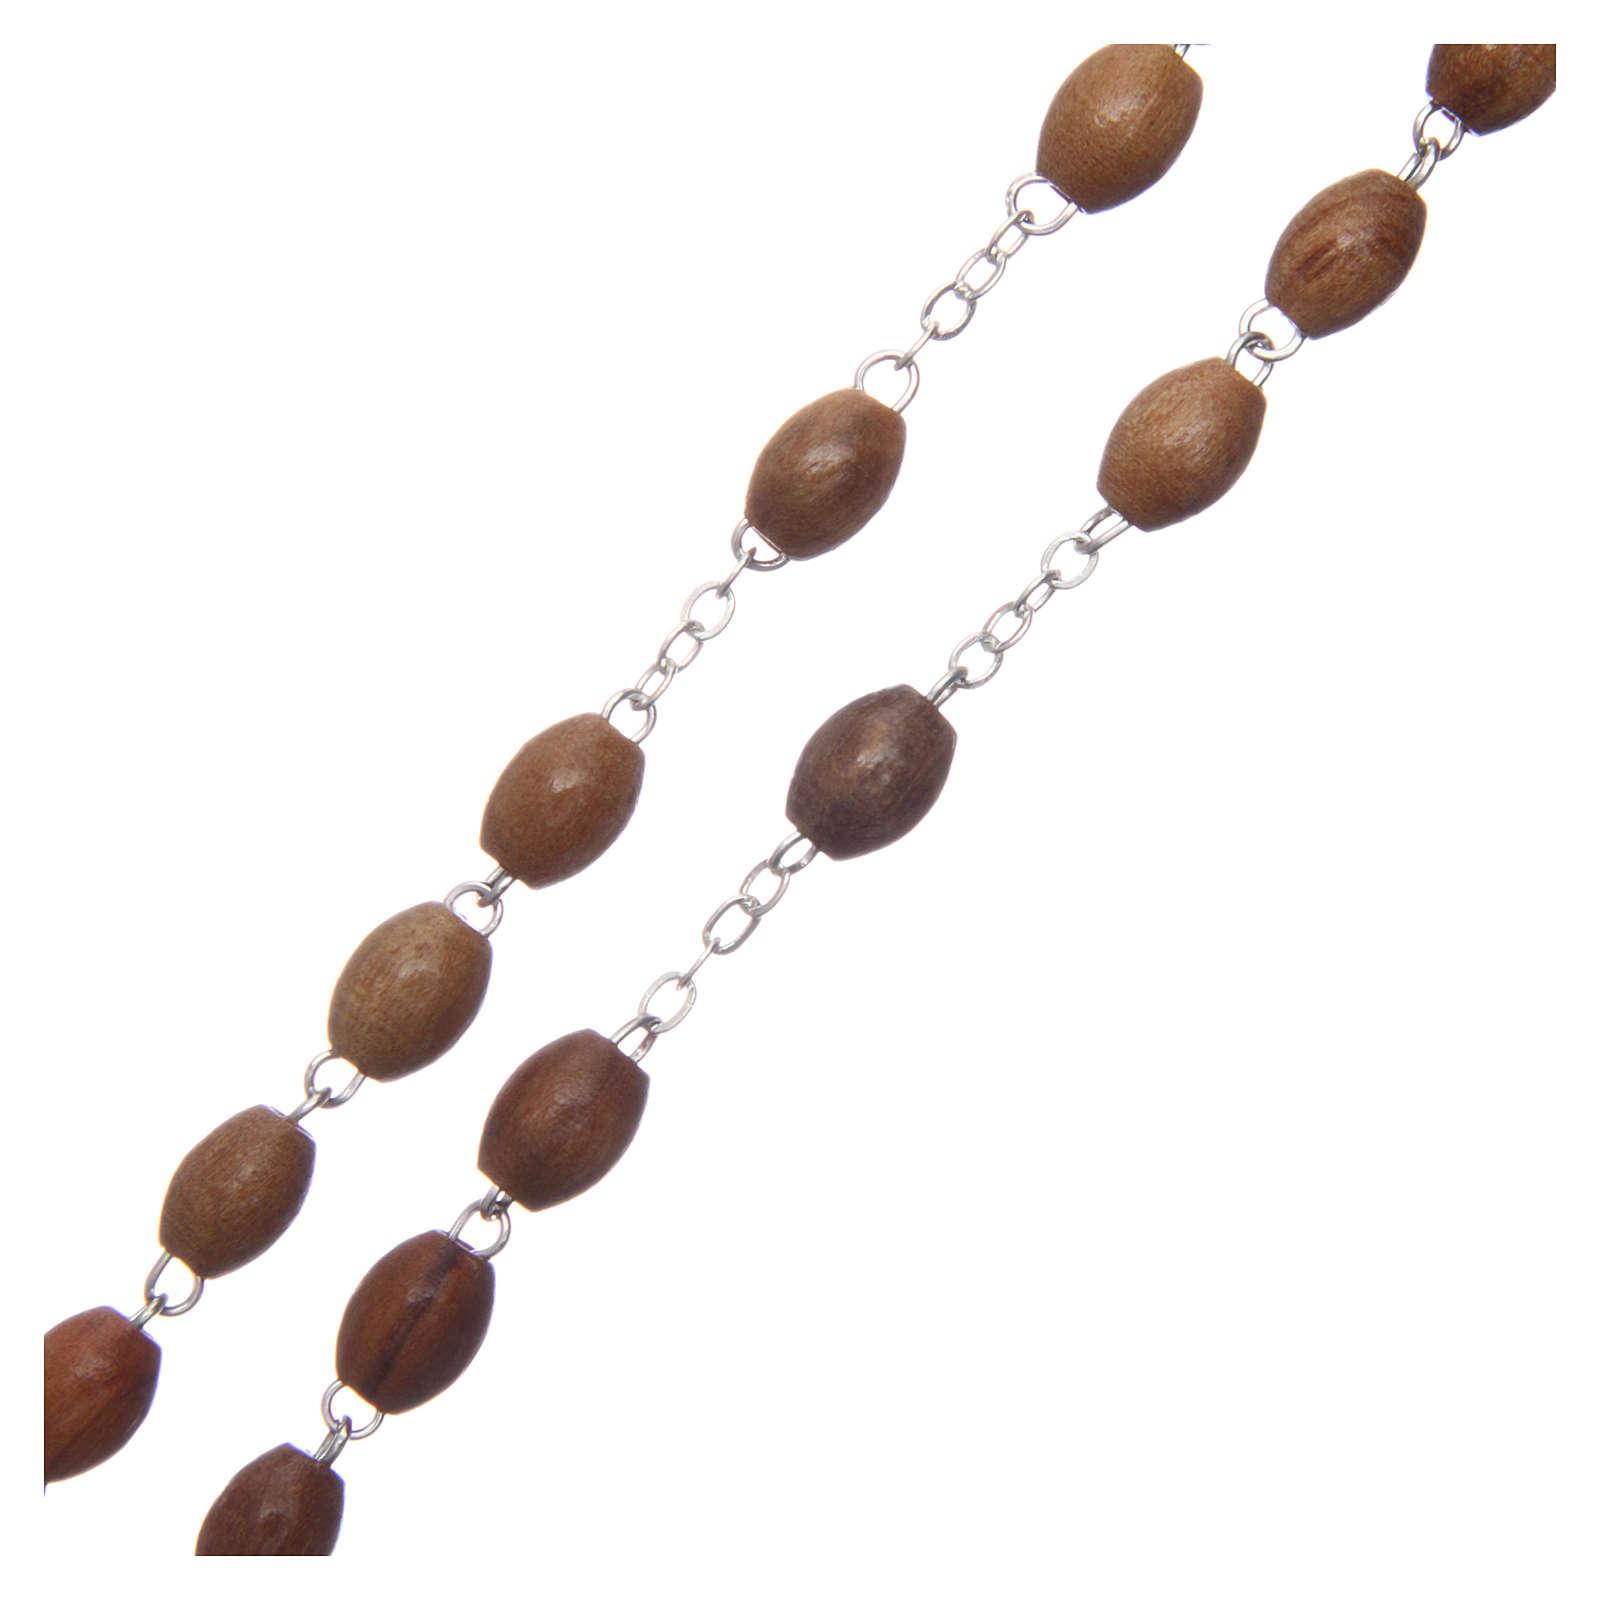 Rosenkranz Olivenholz oval Perlen 8mm 4